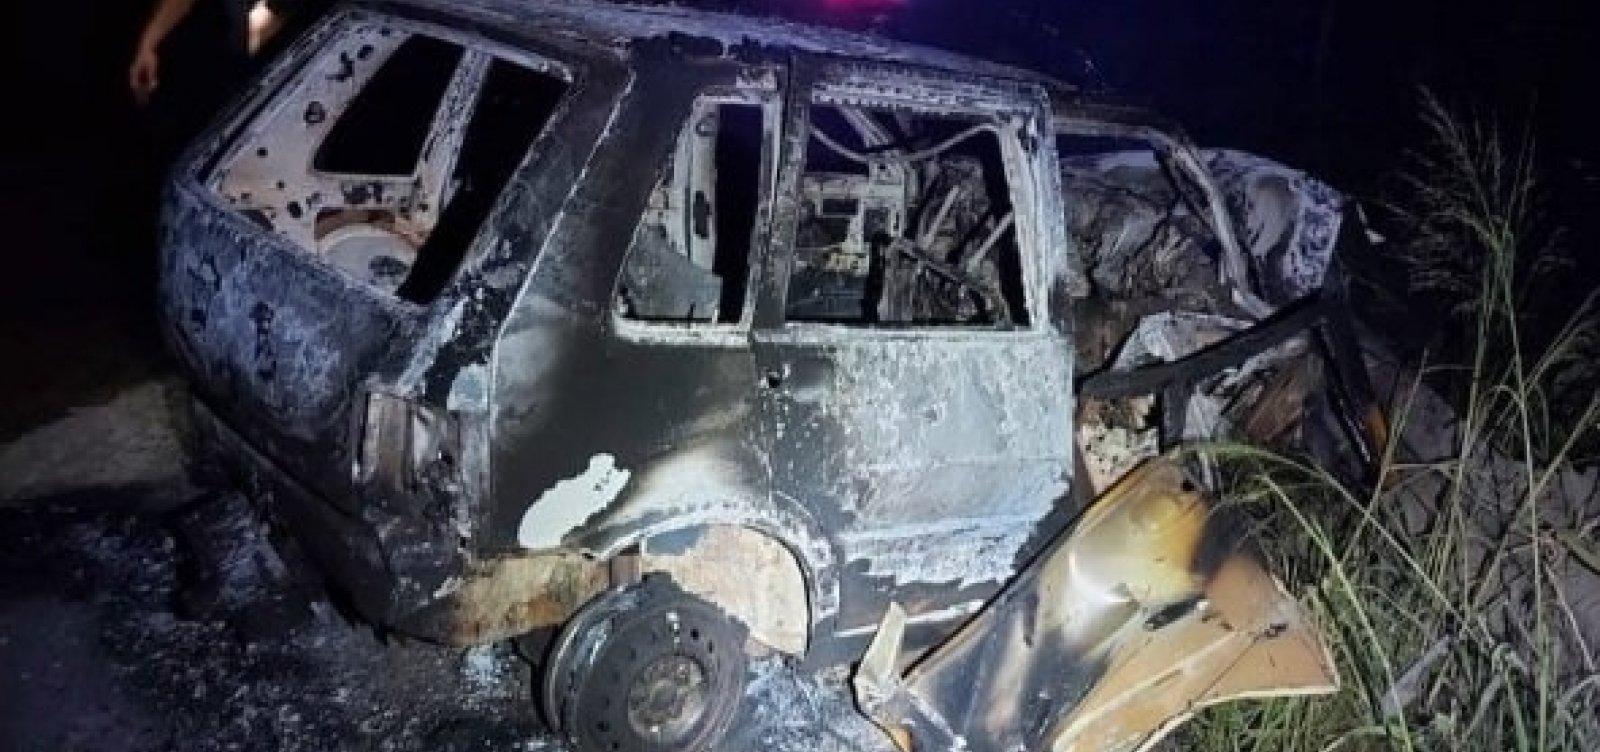 Jovem é preso após dirigir bêbado e sofrer acidente na BR-101; carro pegou fogo